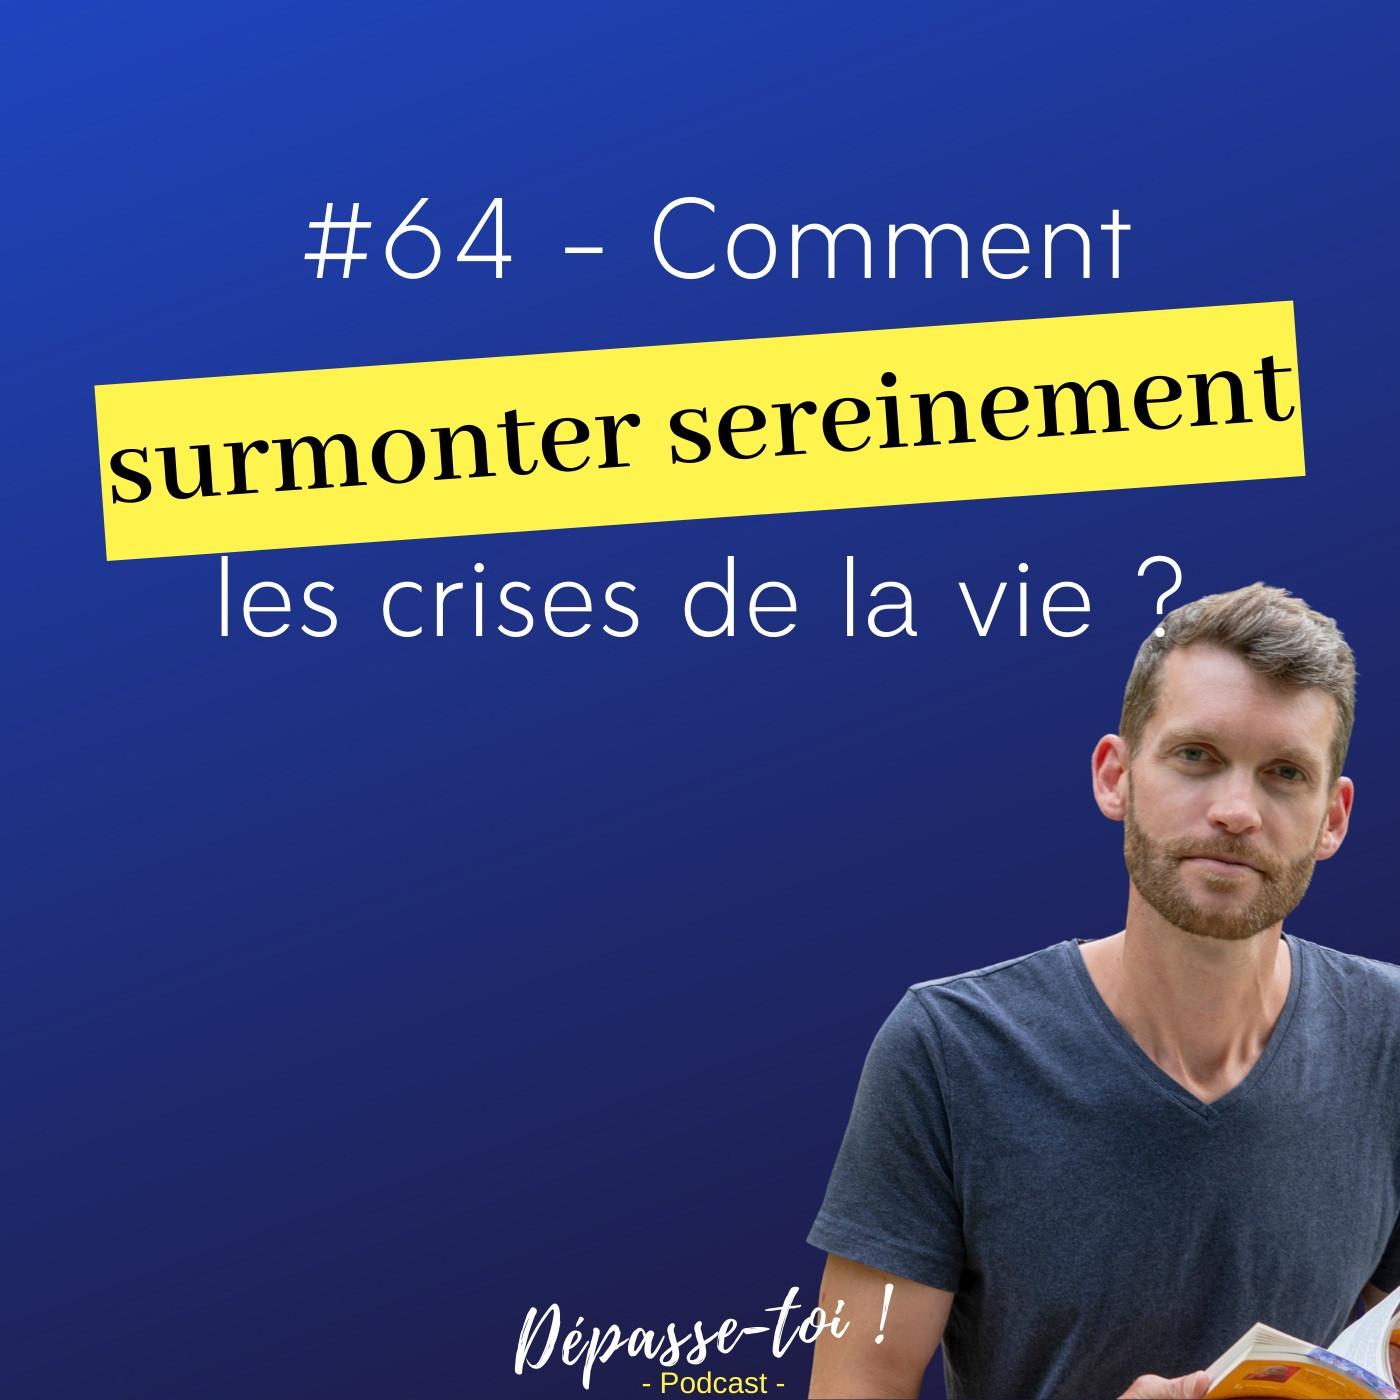 #64 - Comment surmonter sereinement les crises de la vie ?